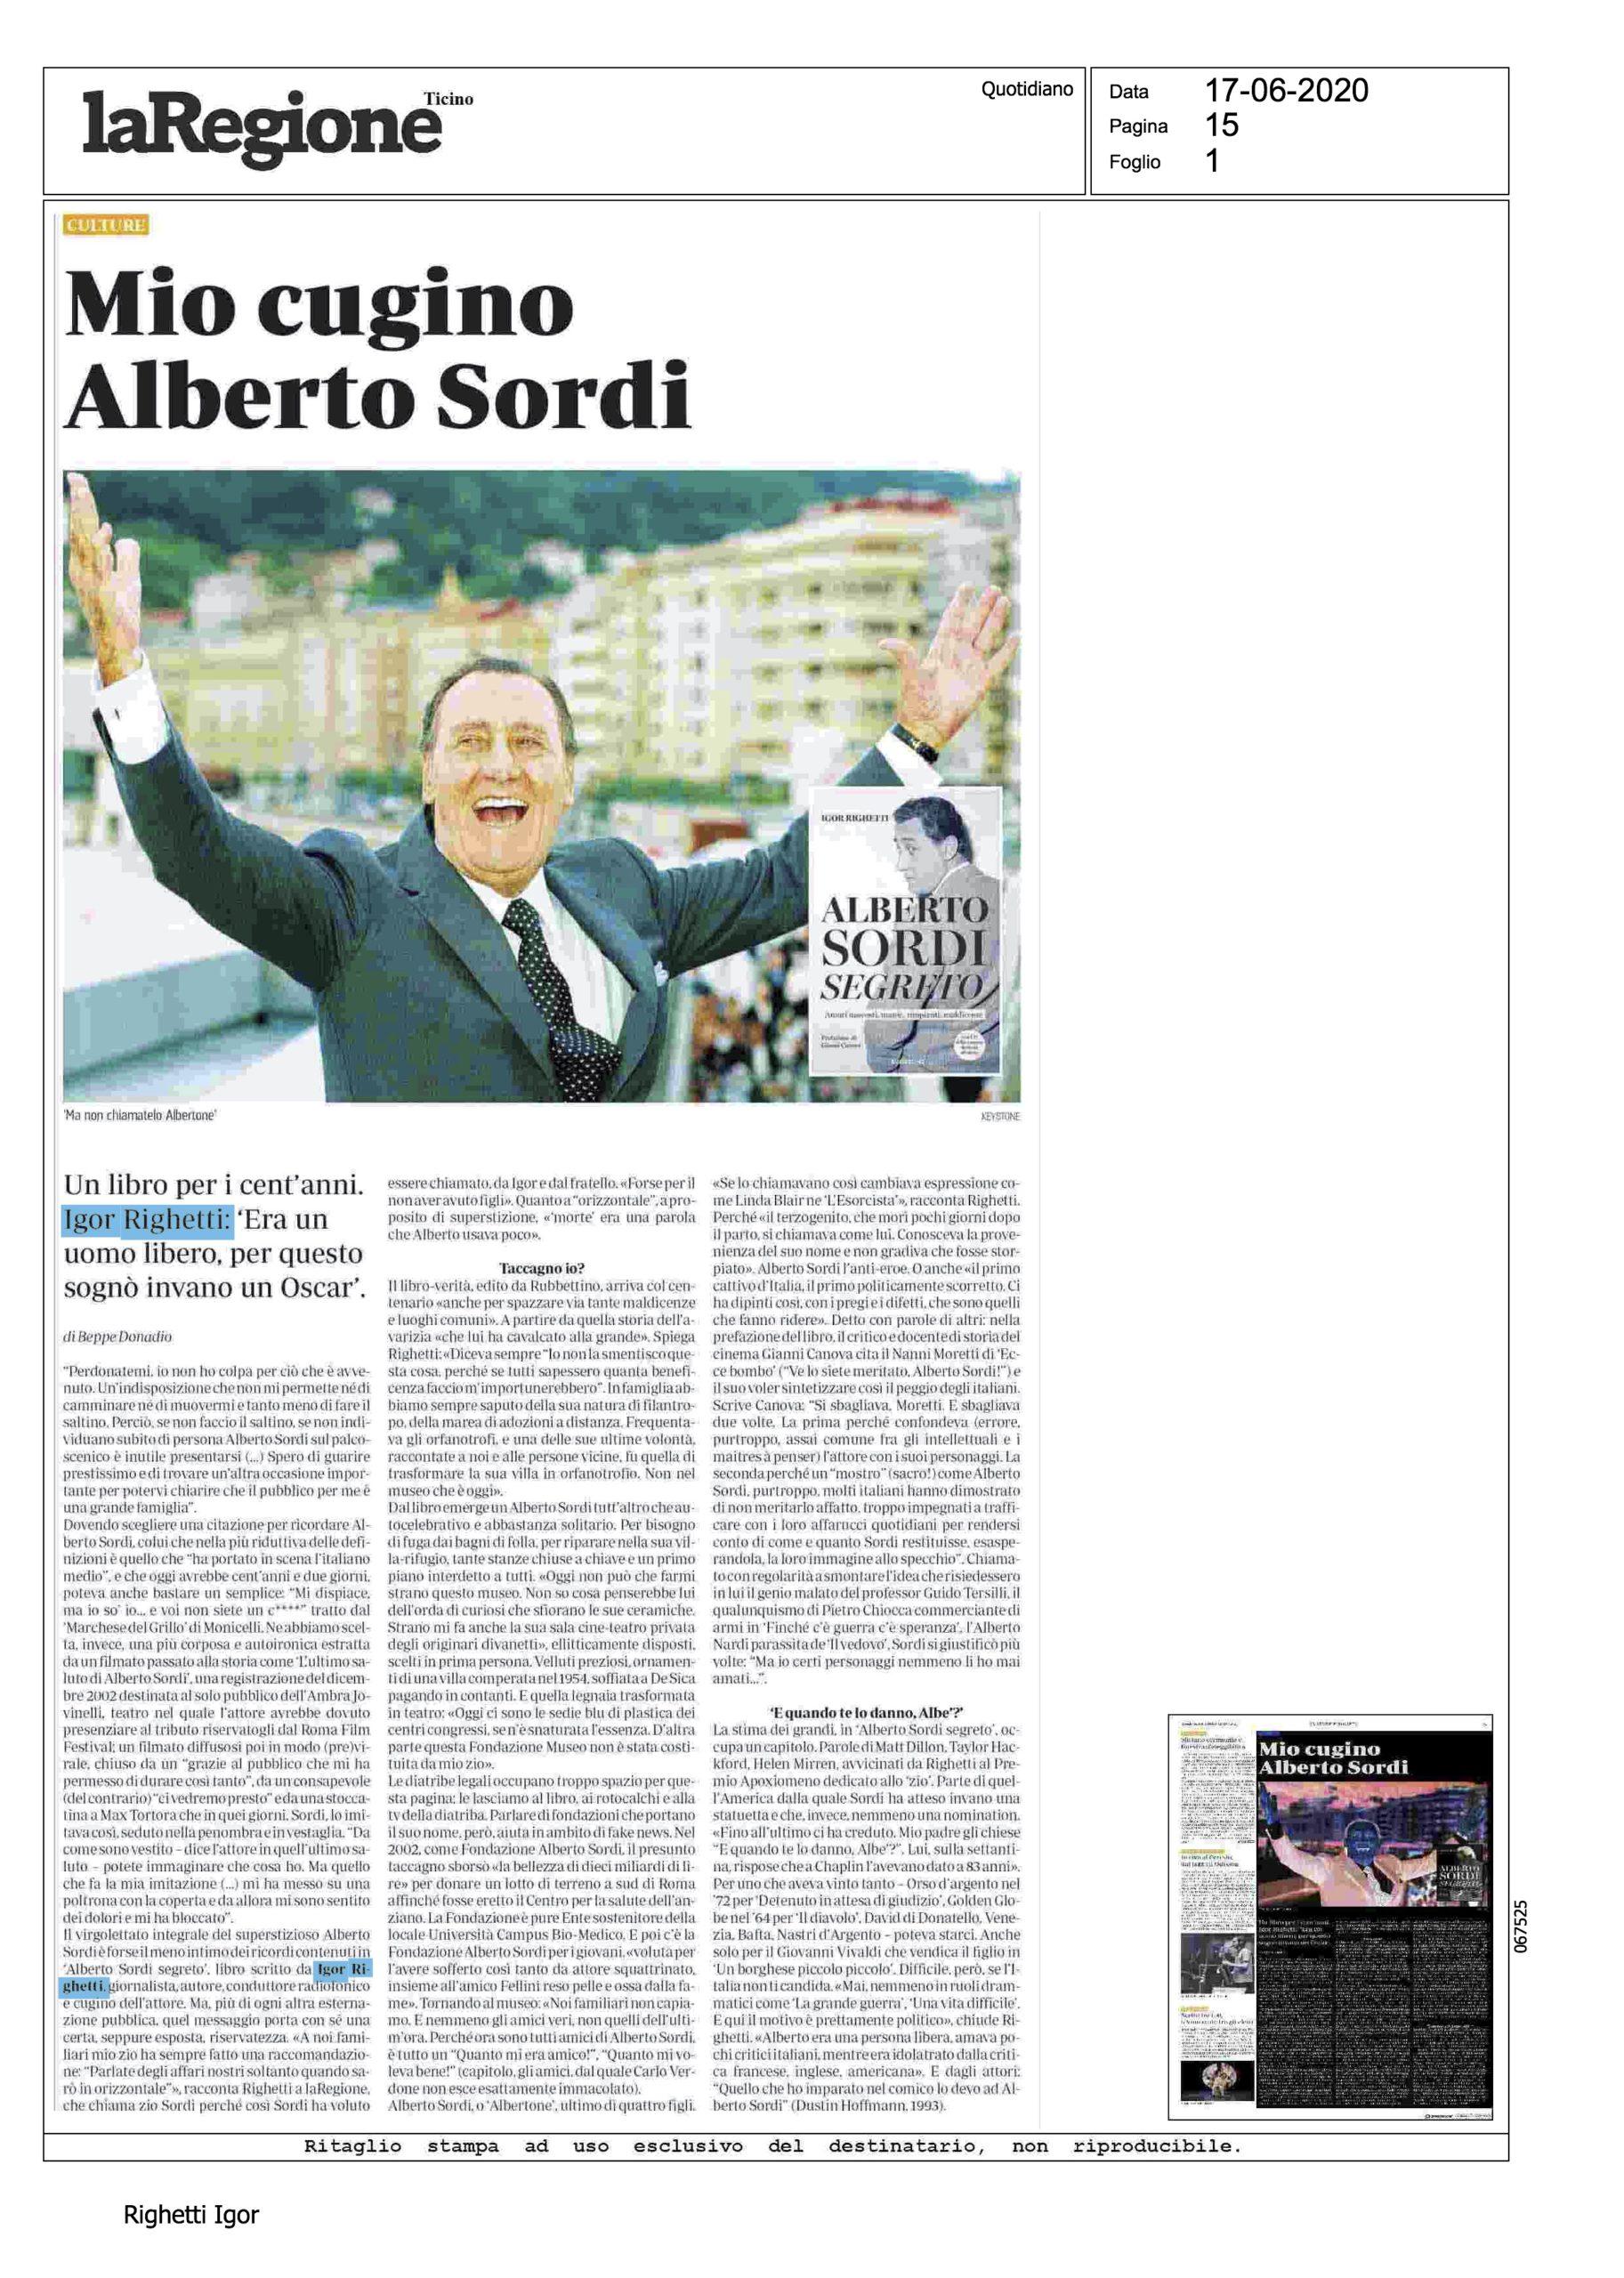 La Regione (quotidiano del Ticino) Mio cugino Alberto Sordi